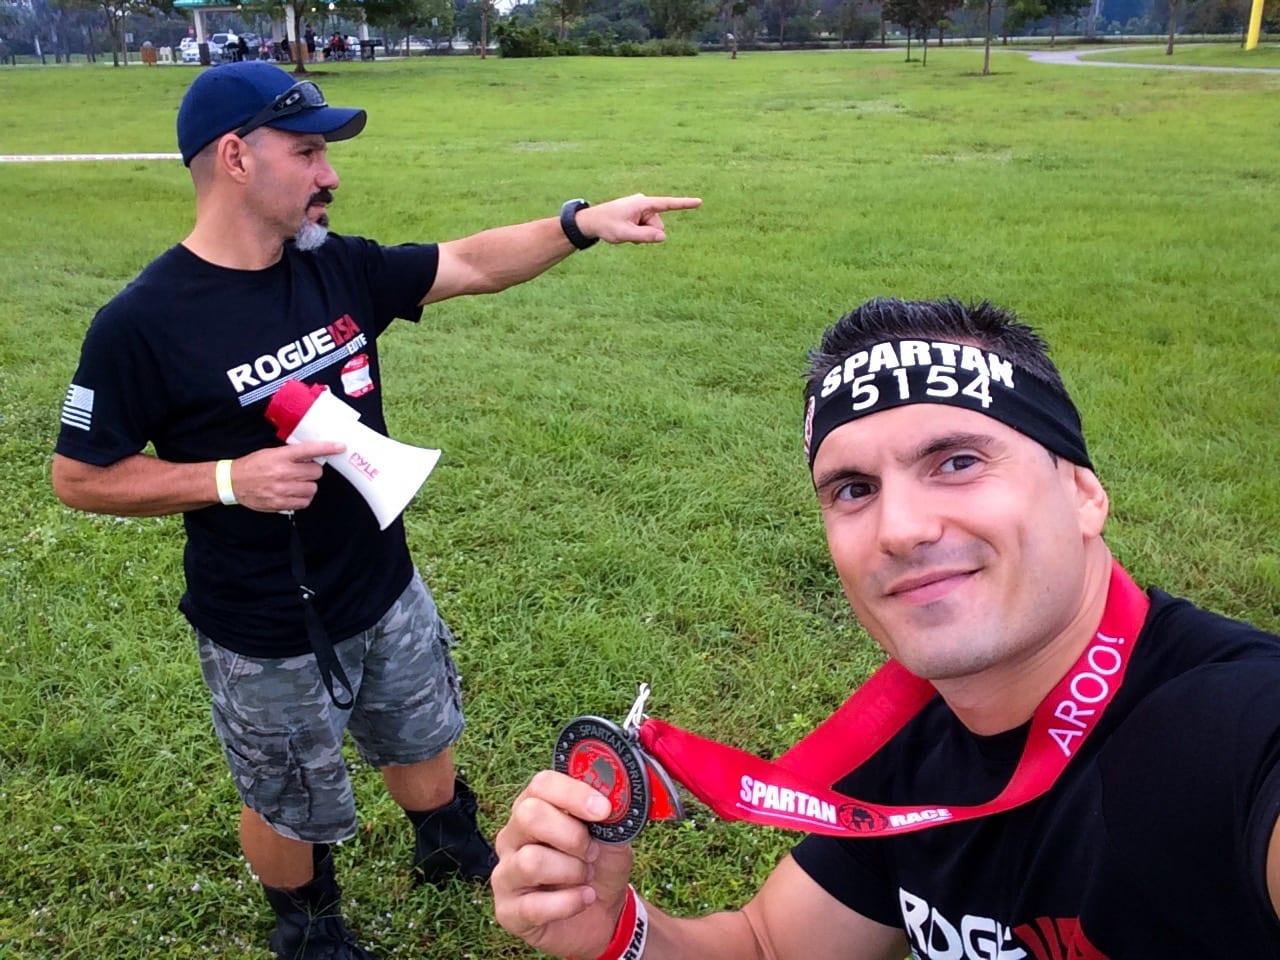 Spartan Race Miami 12052015 - ROGUE USA